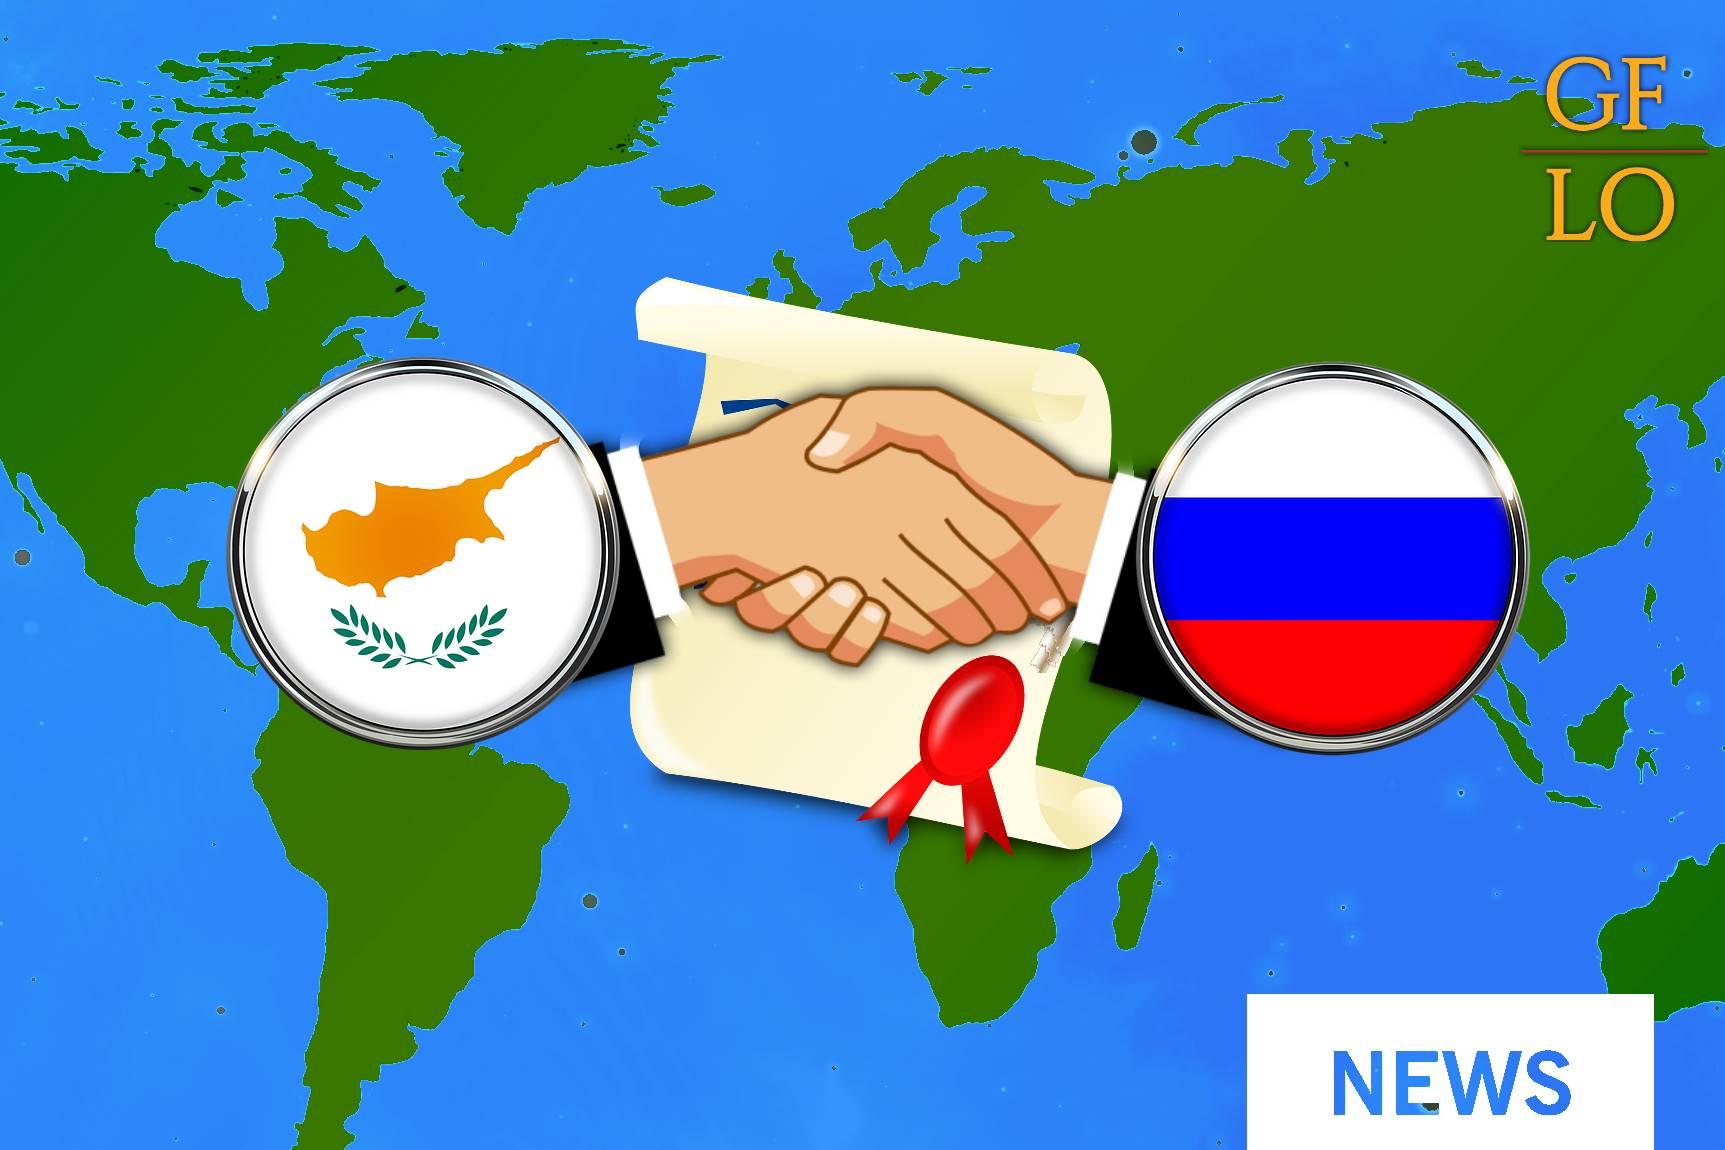 Кипр и Россия сохранят налоговое соглашение на новых условиях